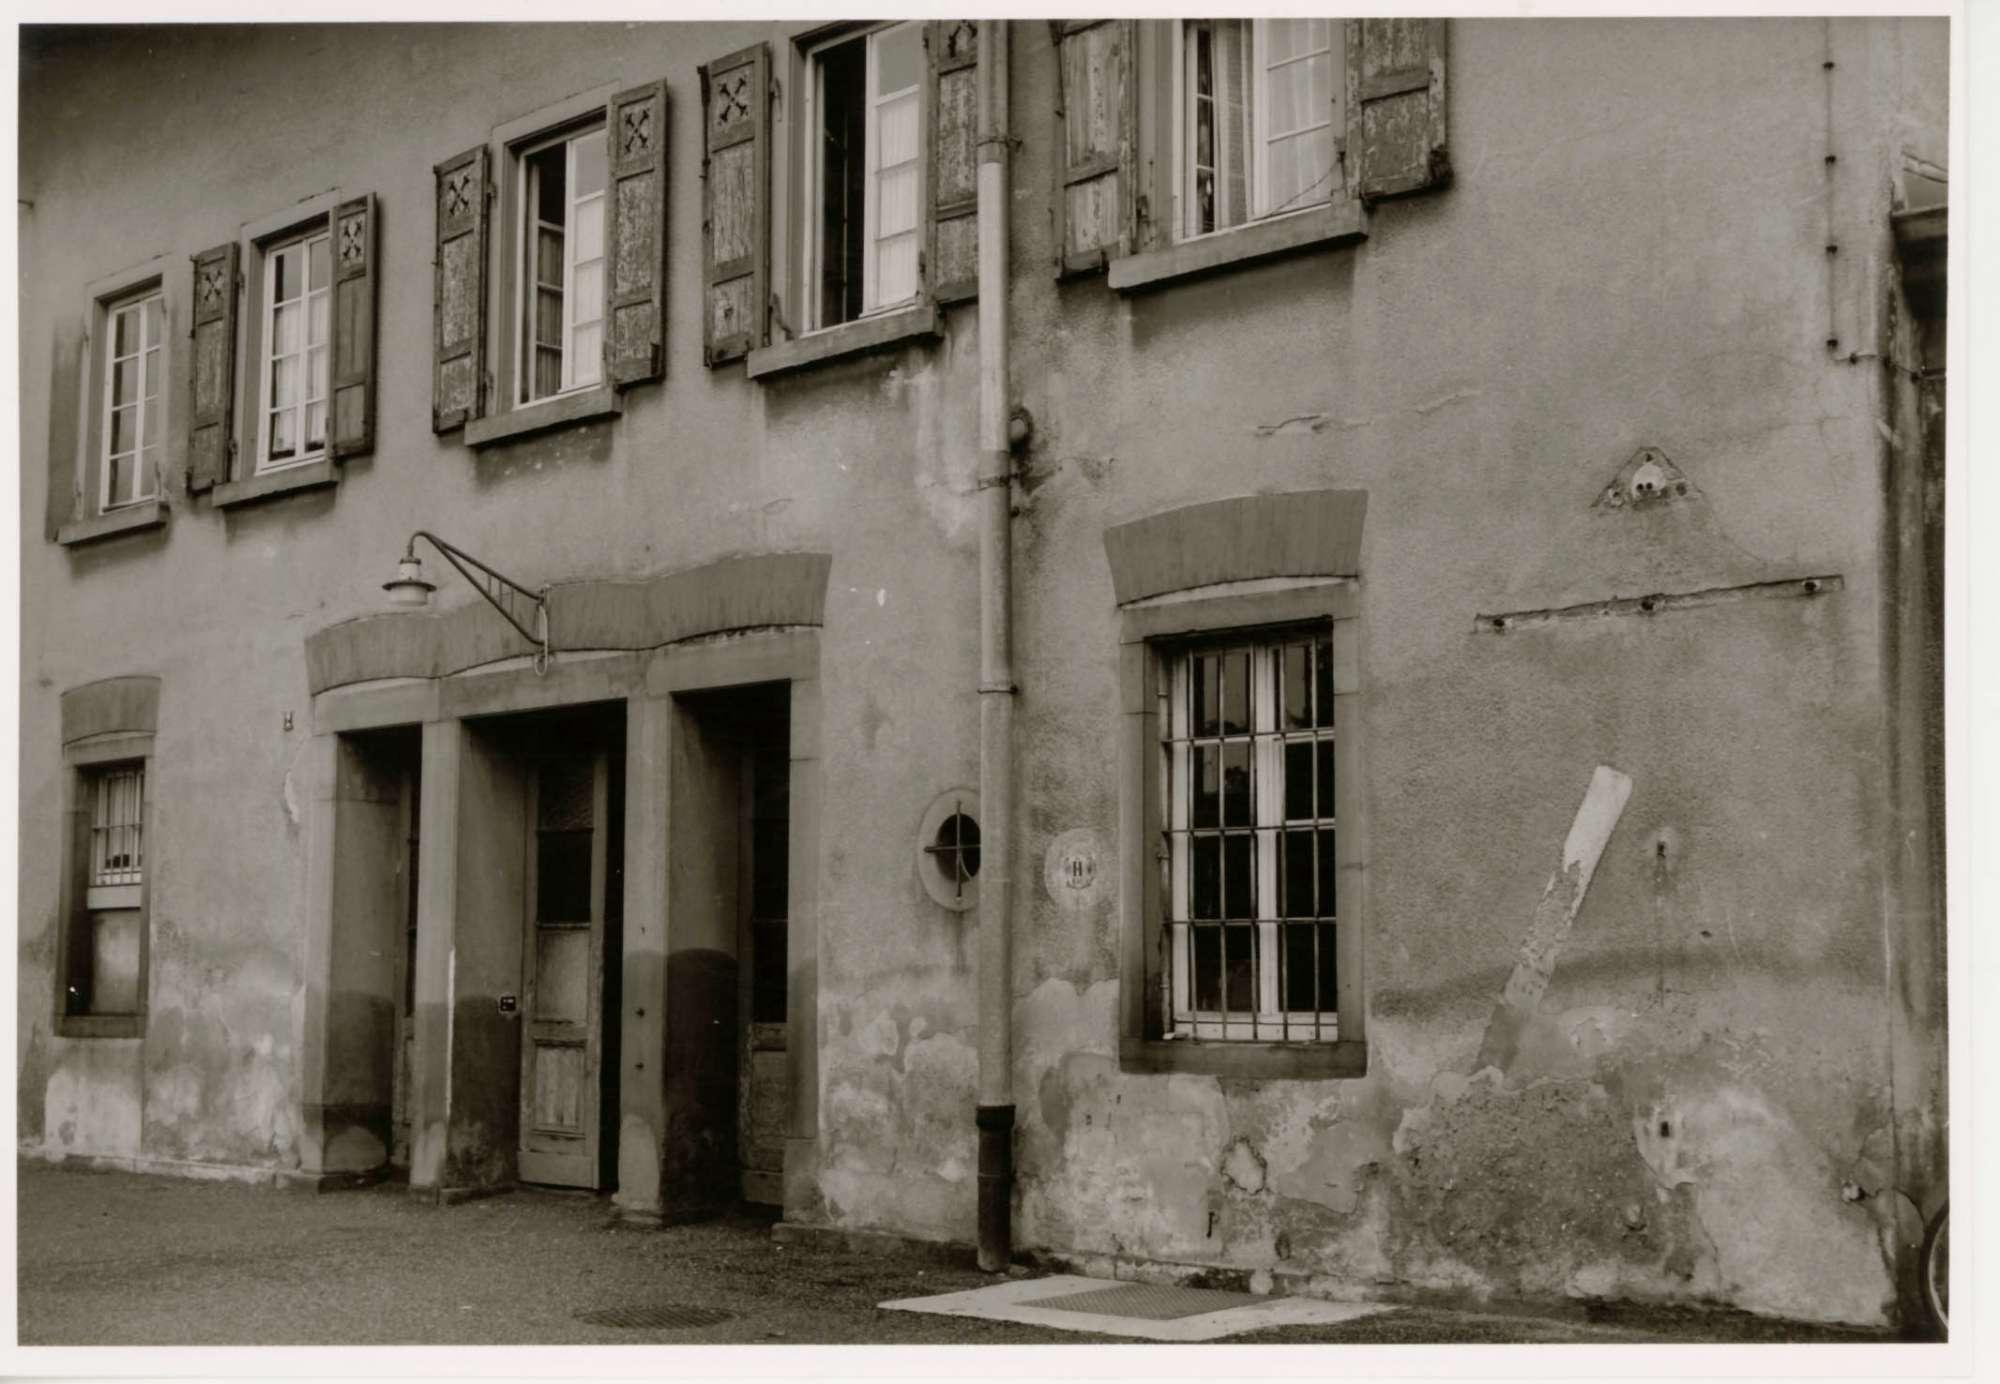 Kirchheim am Neckar: 2 Fotos u.a., Bild 2